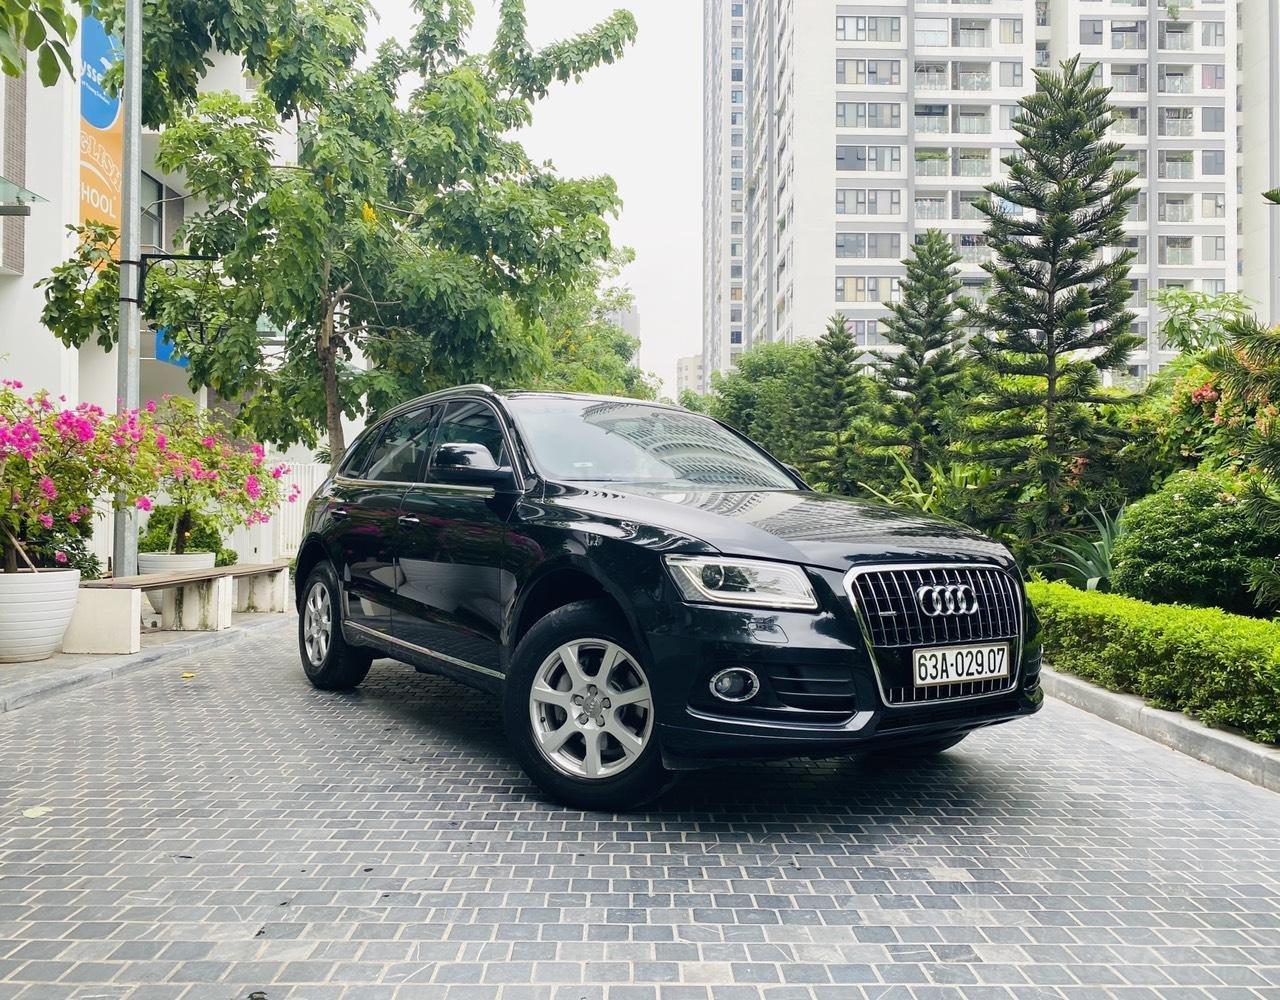 Cần bán lại xe Audi Q5 sản xuất năm 2014 (3)